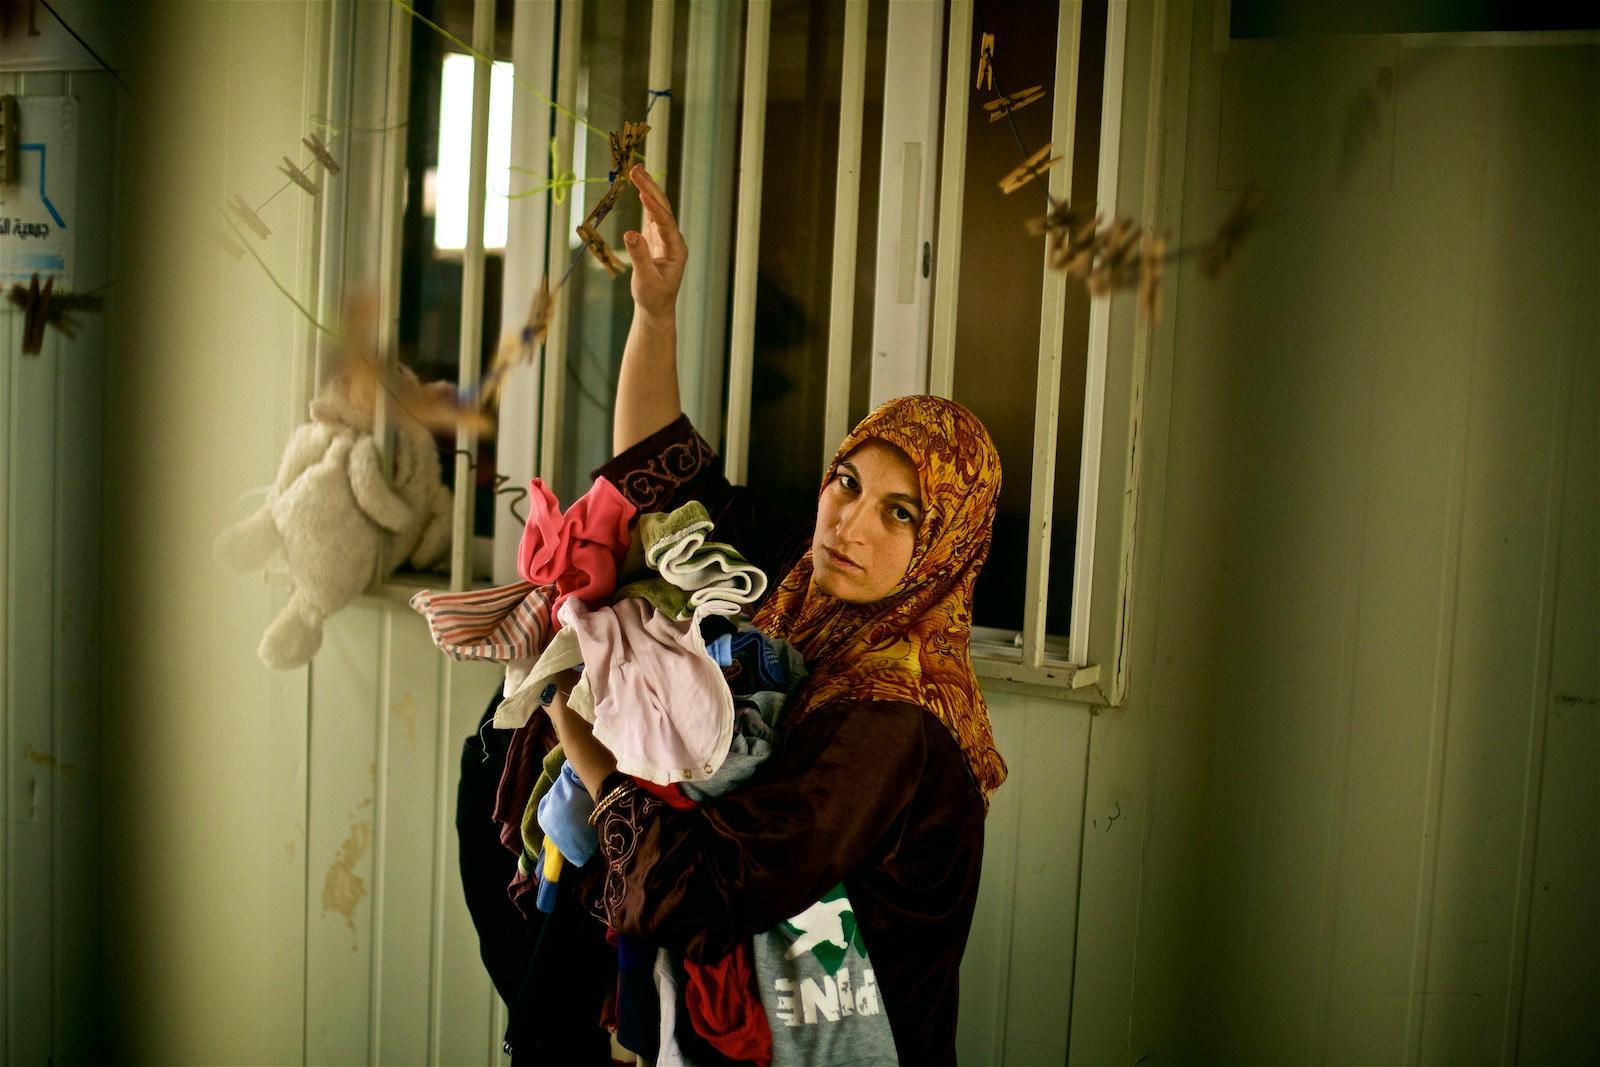 """Shayma (meno zmenené) zbiera prádlo v karavane poskytnutom UNHCR. """"Ničoho sa tu nemôžeme dotknúť. Sme tu už tri roky, ale keď nič z toho, čo tu je, nie je naše, nedá sa z toho spraviť domov."""" (photo: Denis Bosnic)"""